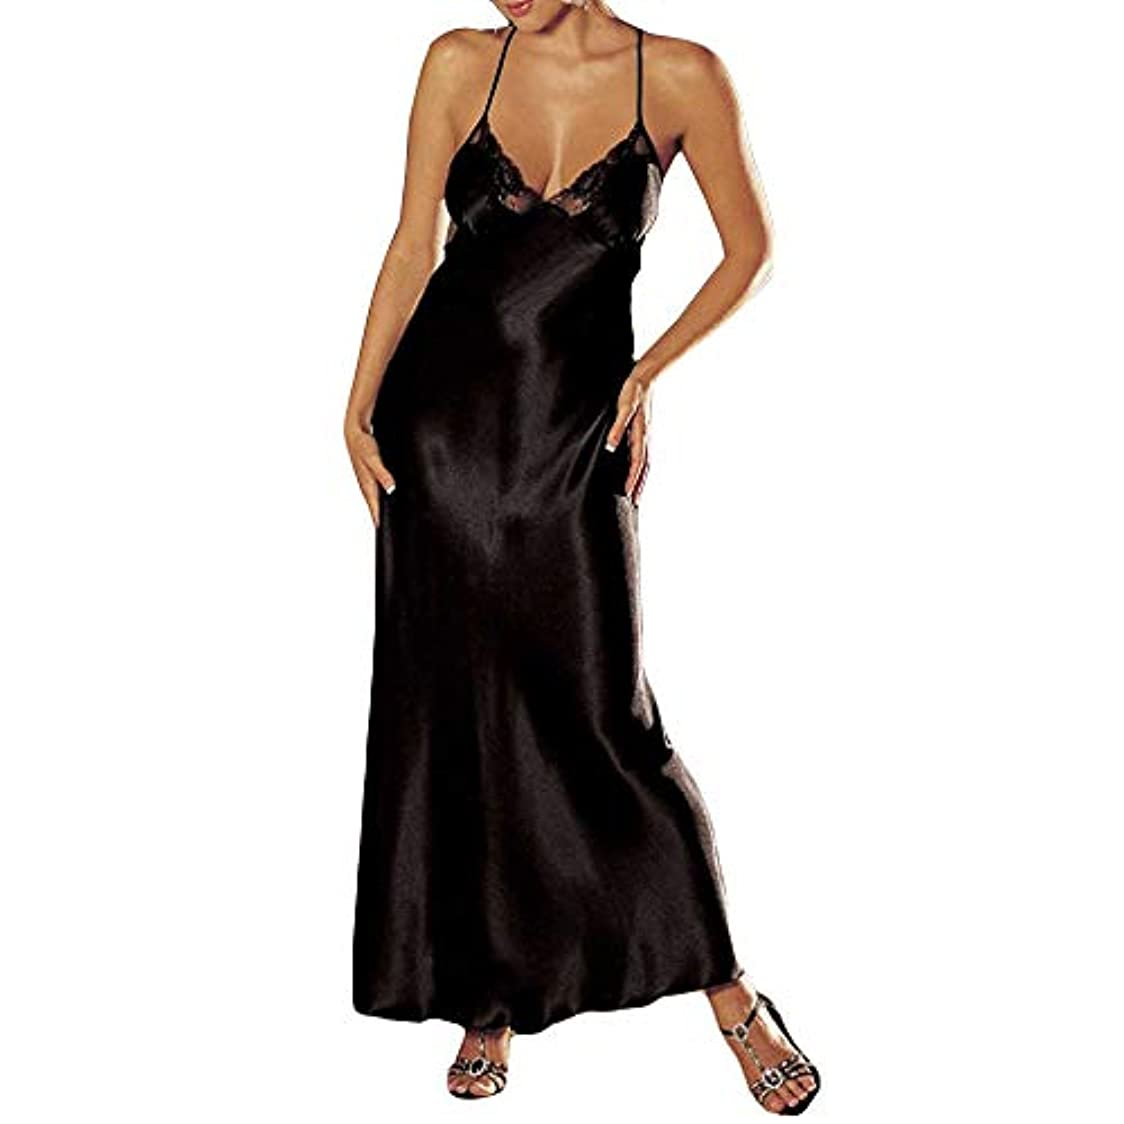 うがい薬広範囲に到着する吊りドレス liqiuxiang ウーマン 快適 柔らかい ロングスカート 女性 エレガント 着心地 通気性抜群 パジャマ レディース 上下 花柄 ノースリーブ 高級 襦袢